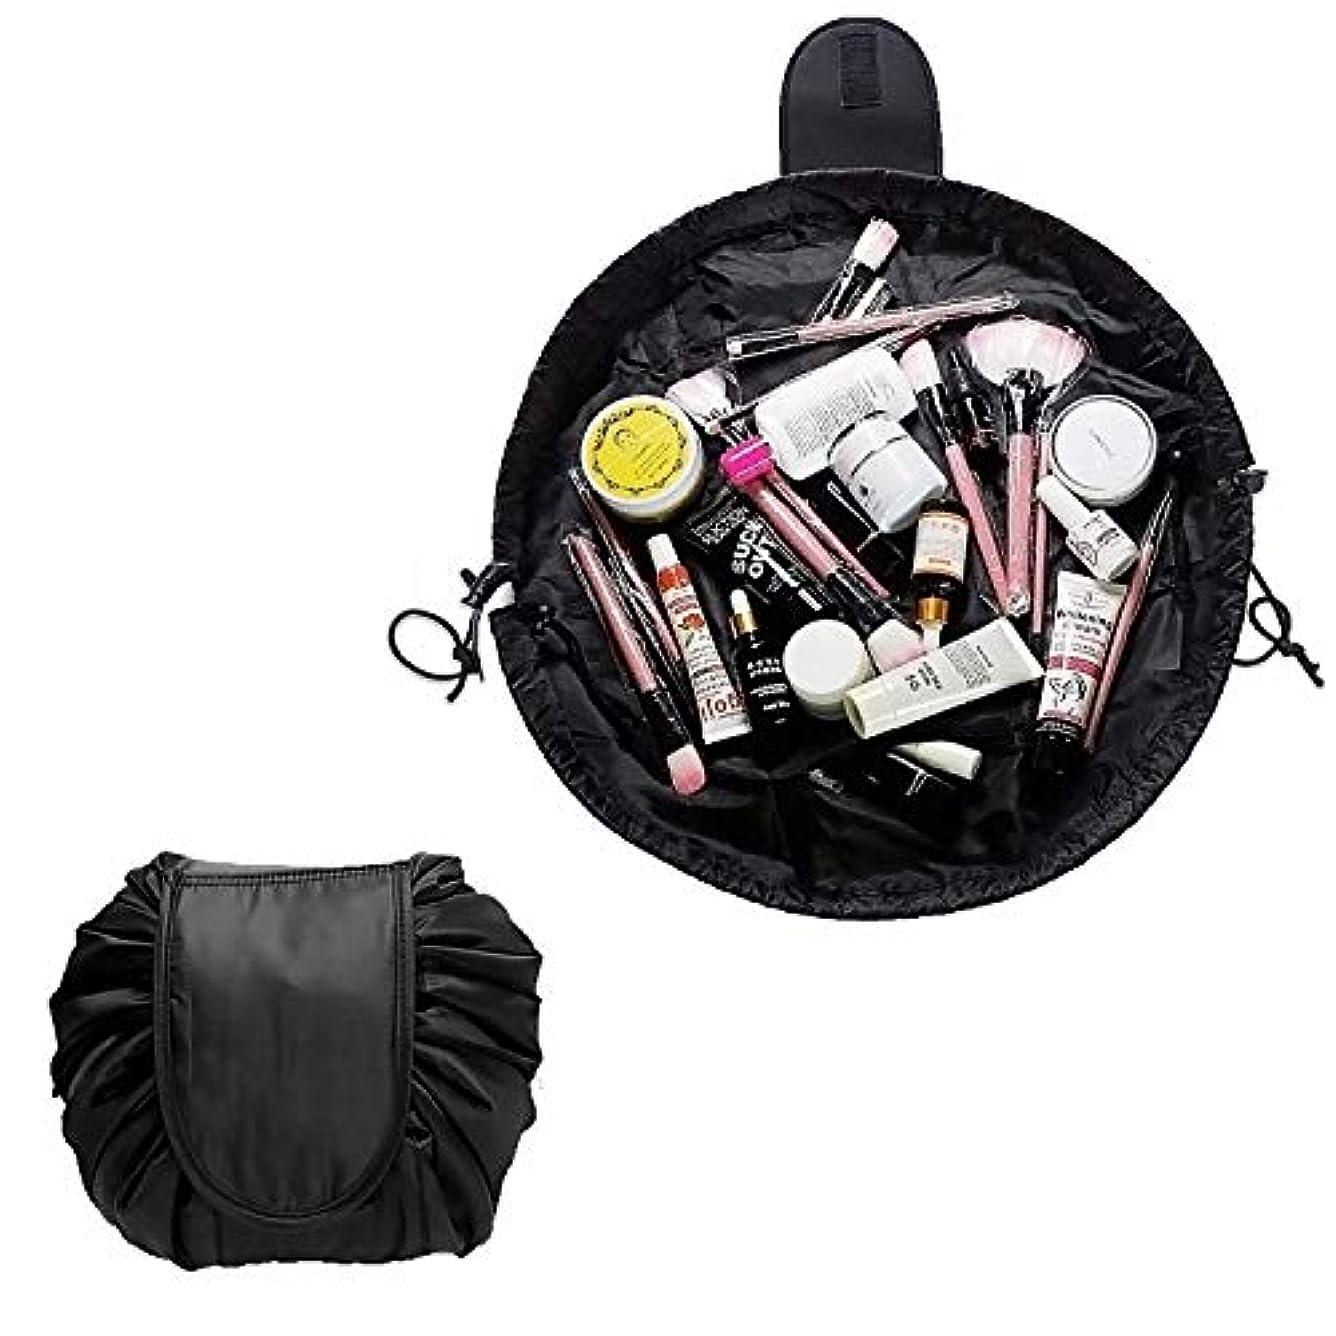 補助指導する必要HEARTEST 巾着 化粧 ポーチ マジックポーチ ポータブル旅行メイクバッグ 防水大容量の旅行化粧バッグ 超軽量 便利 旅行 (黒)